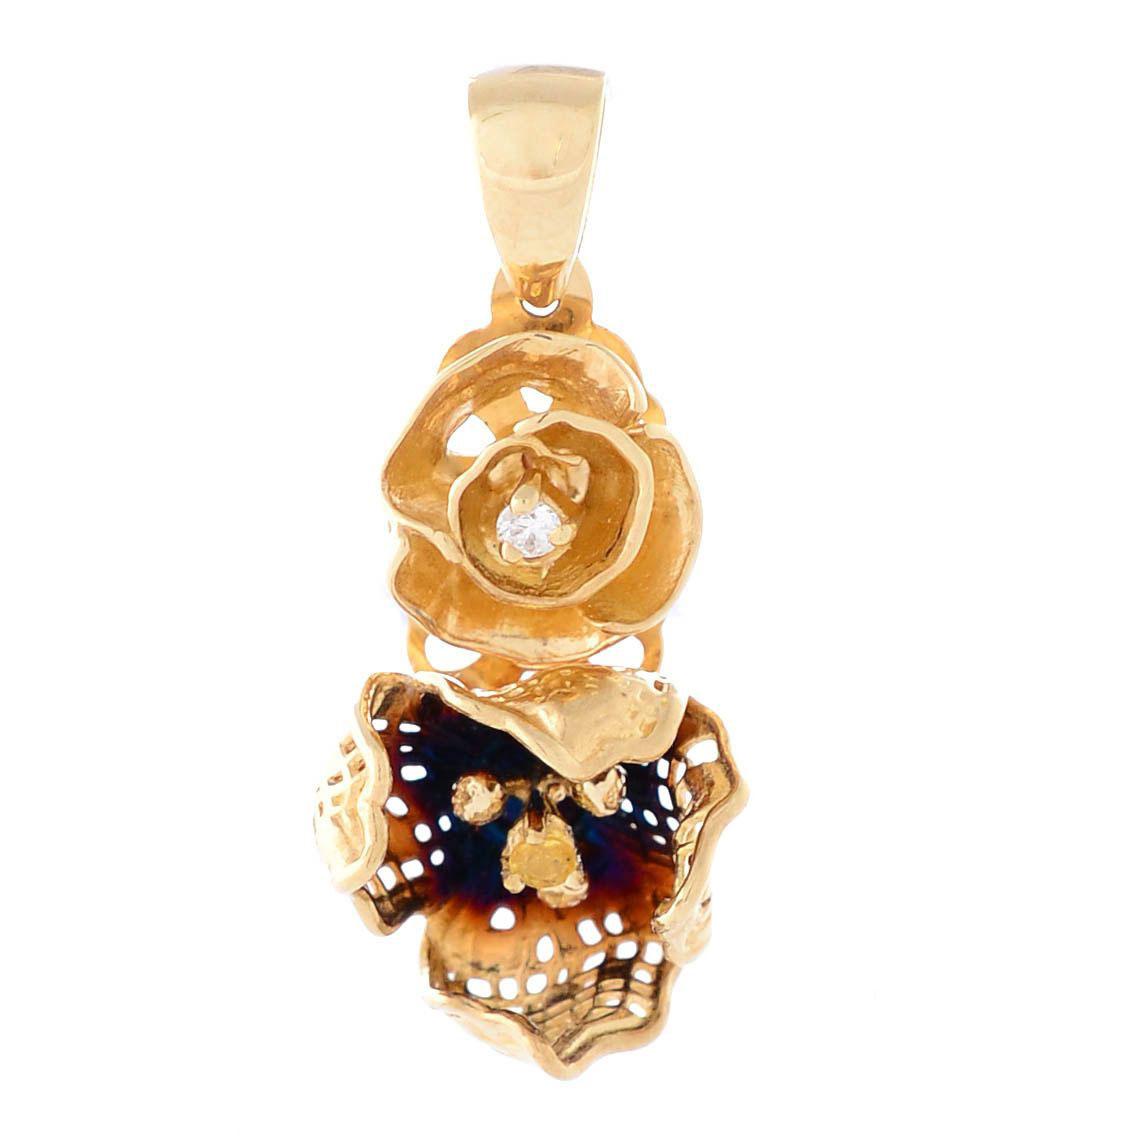 Подвеска Roberto Bravo Gallica золотая в виде цветов с сапфиром и бриллиантом